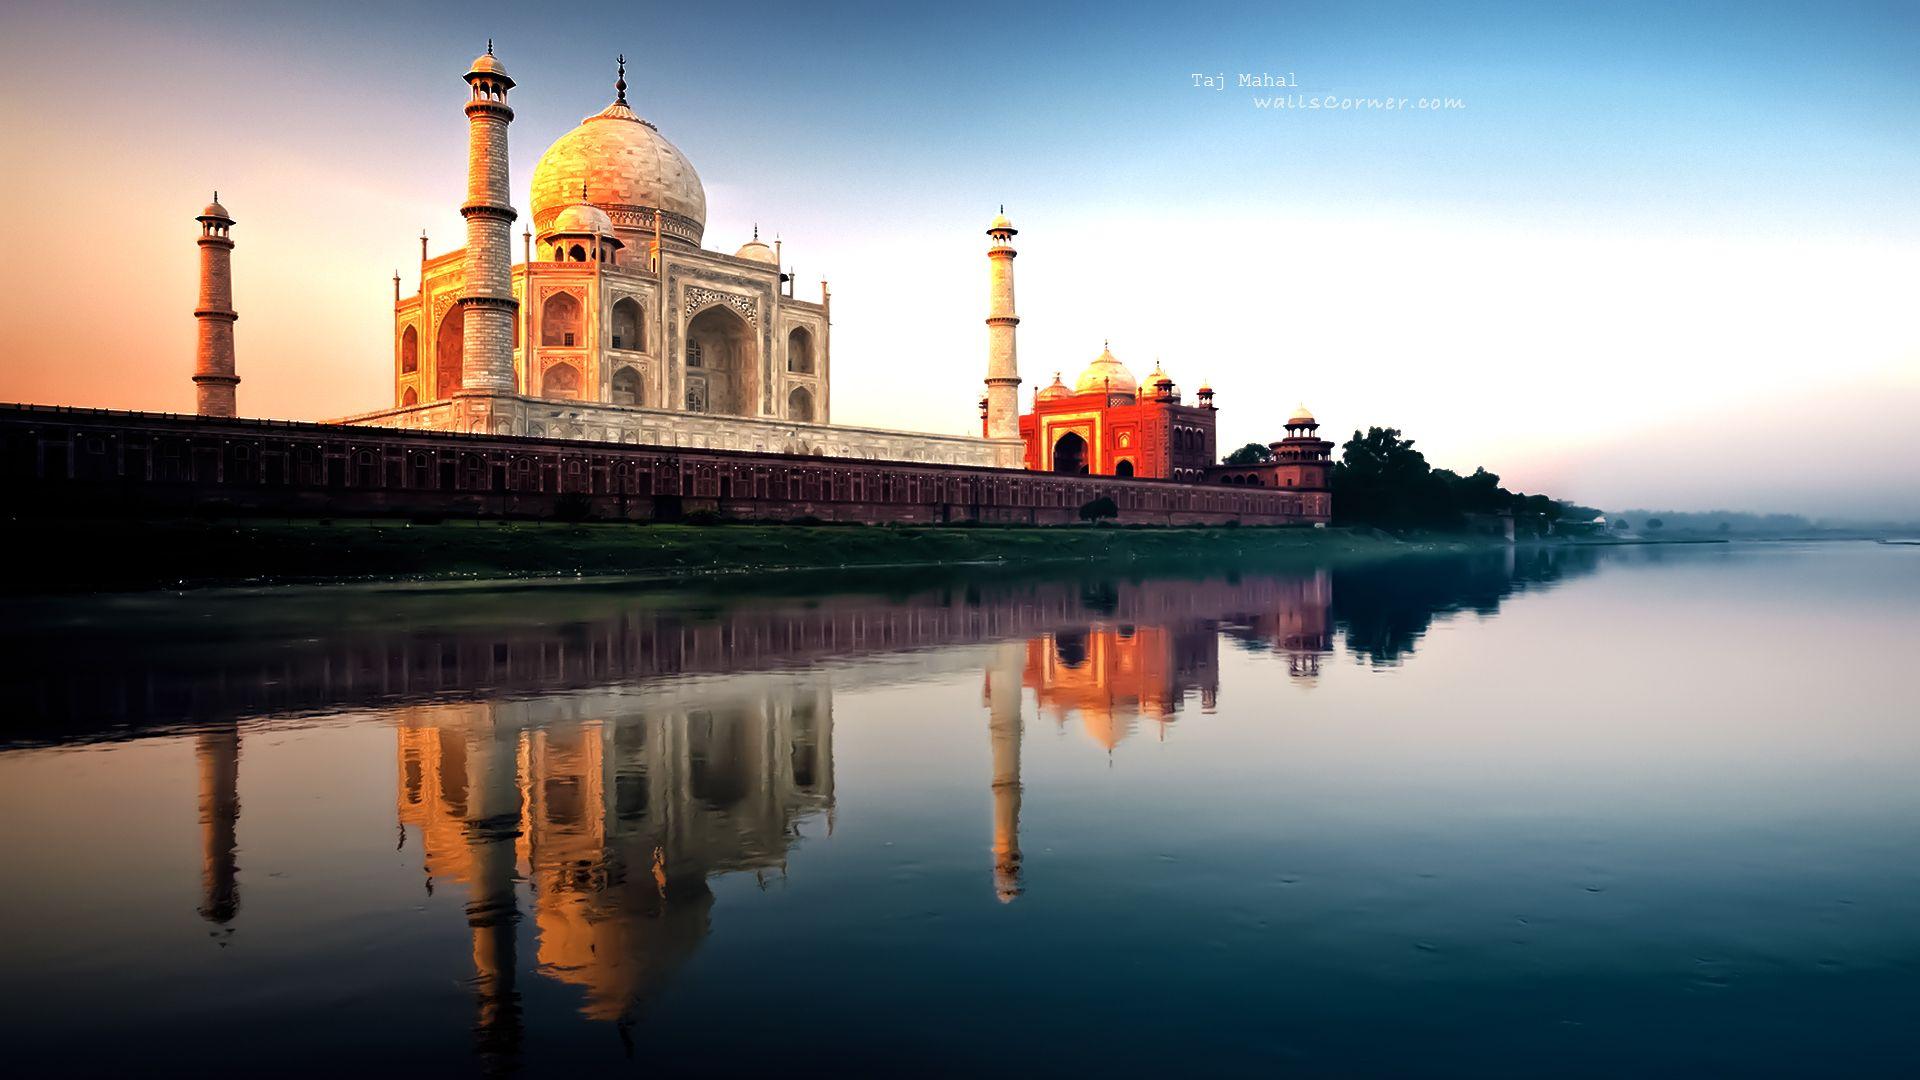 Αποτέλεσμα εικόνας για Indian Government is wishing for more cruise tourism from India coastlines: